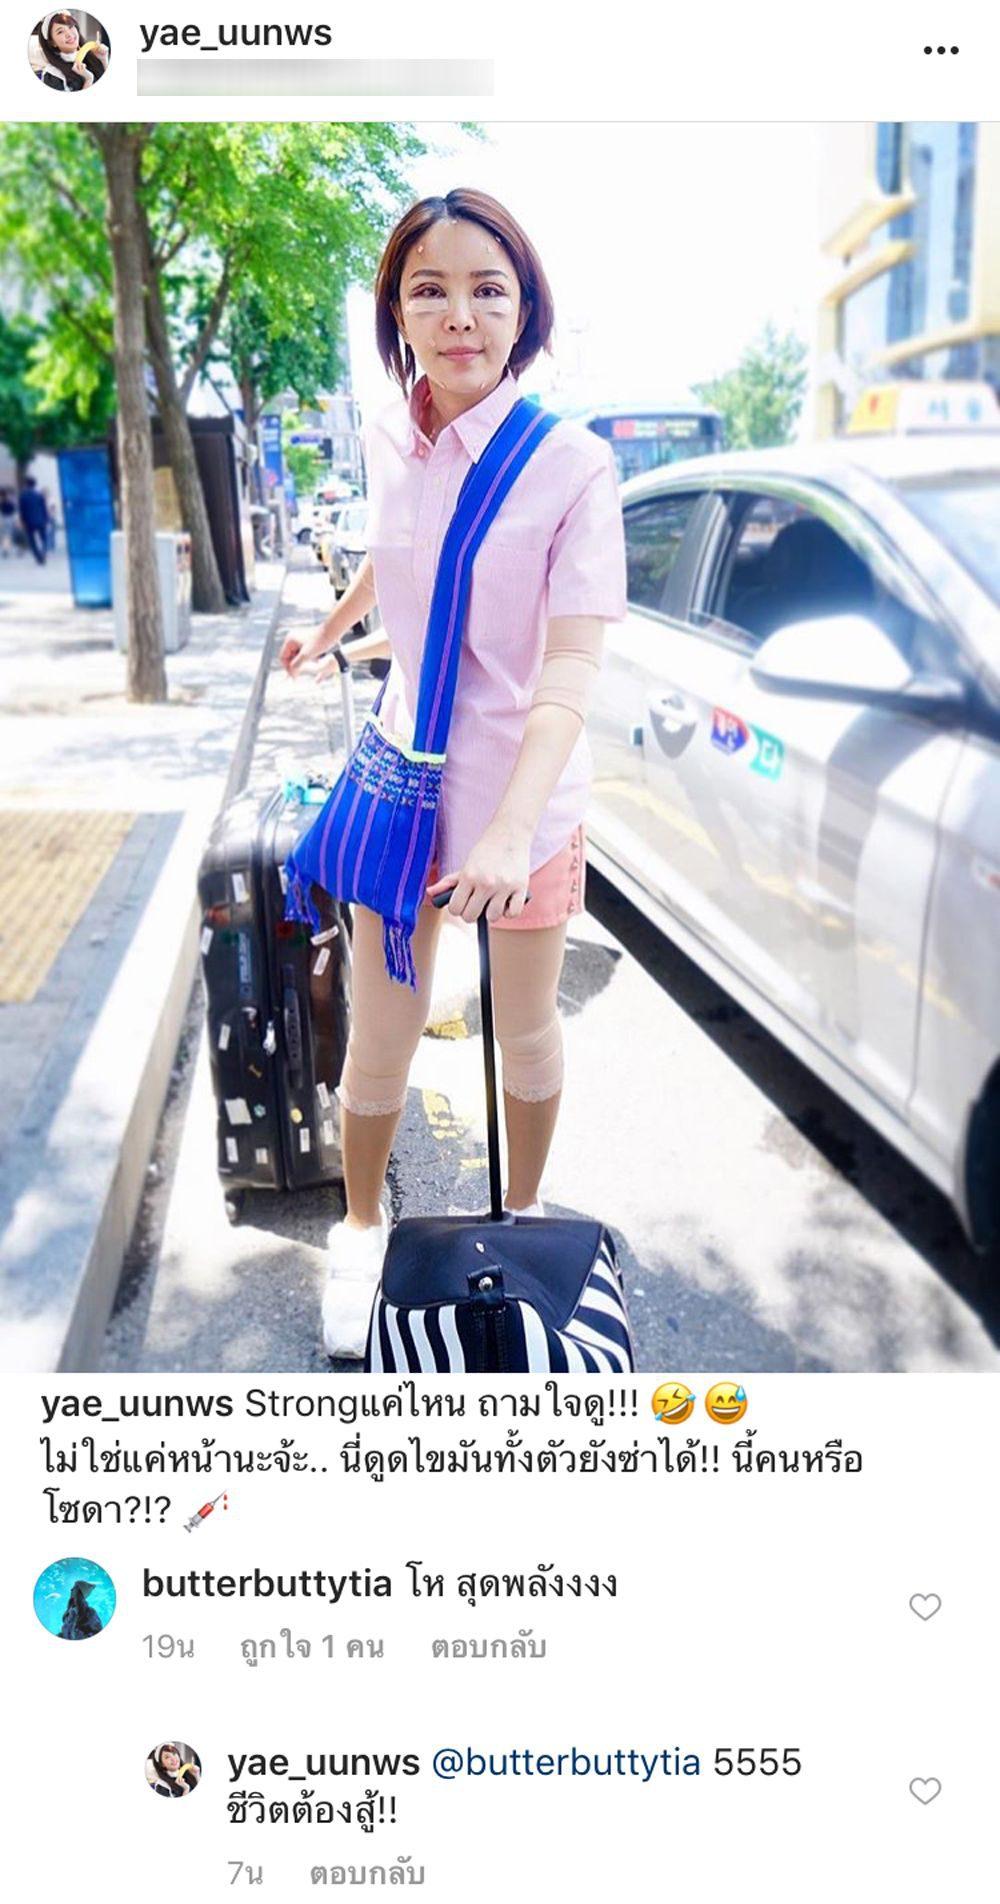 หญิงแย้บินไปศัลยกรรมที่เกาหลี